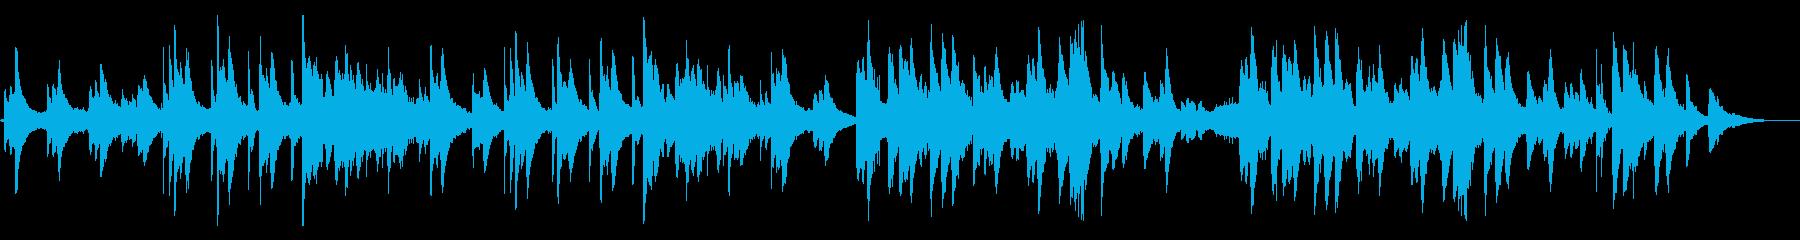 ピアノの儚げな旋律が印象的なアンビエントの再生済みの波形